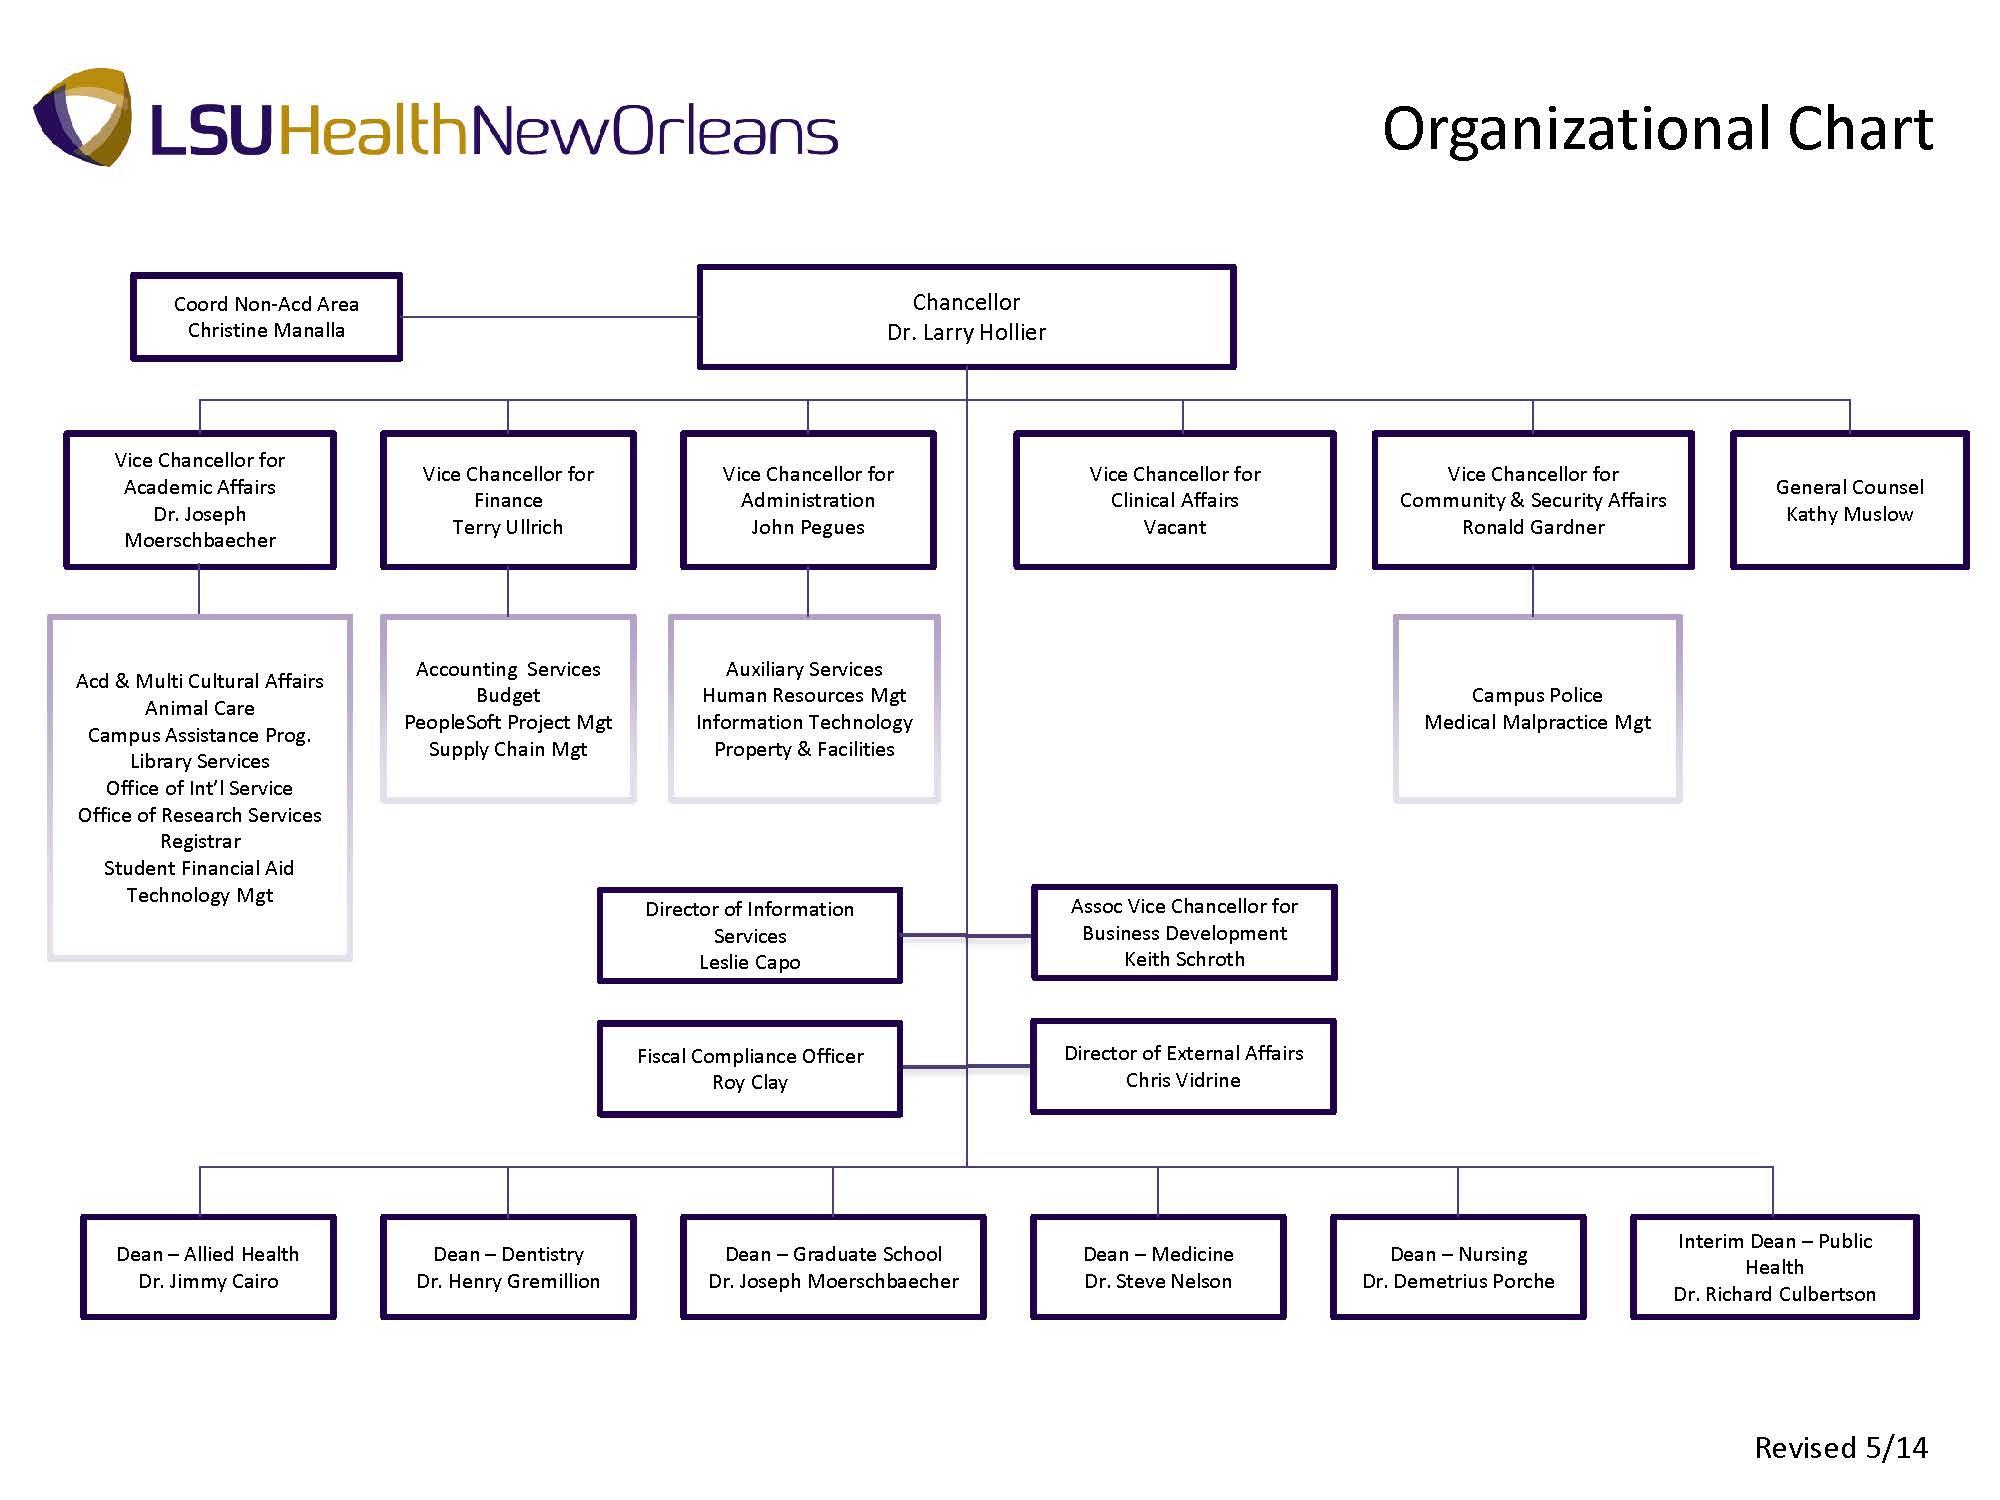 Organizational Chart - Louisiana State University Health